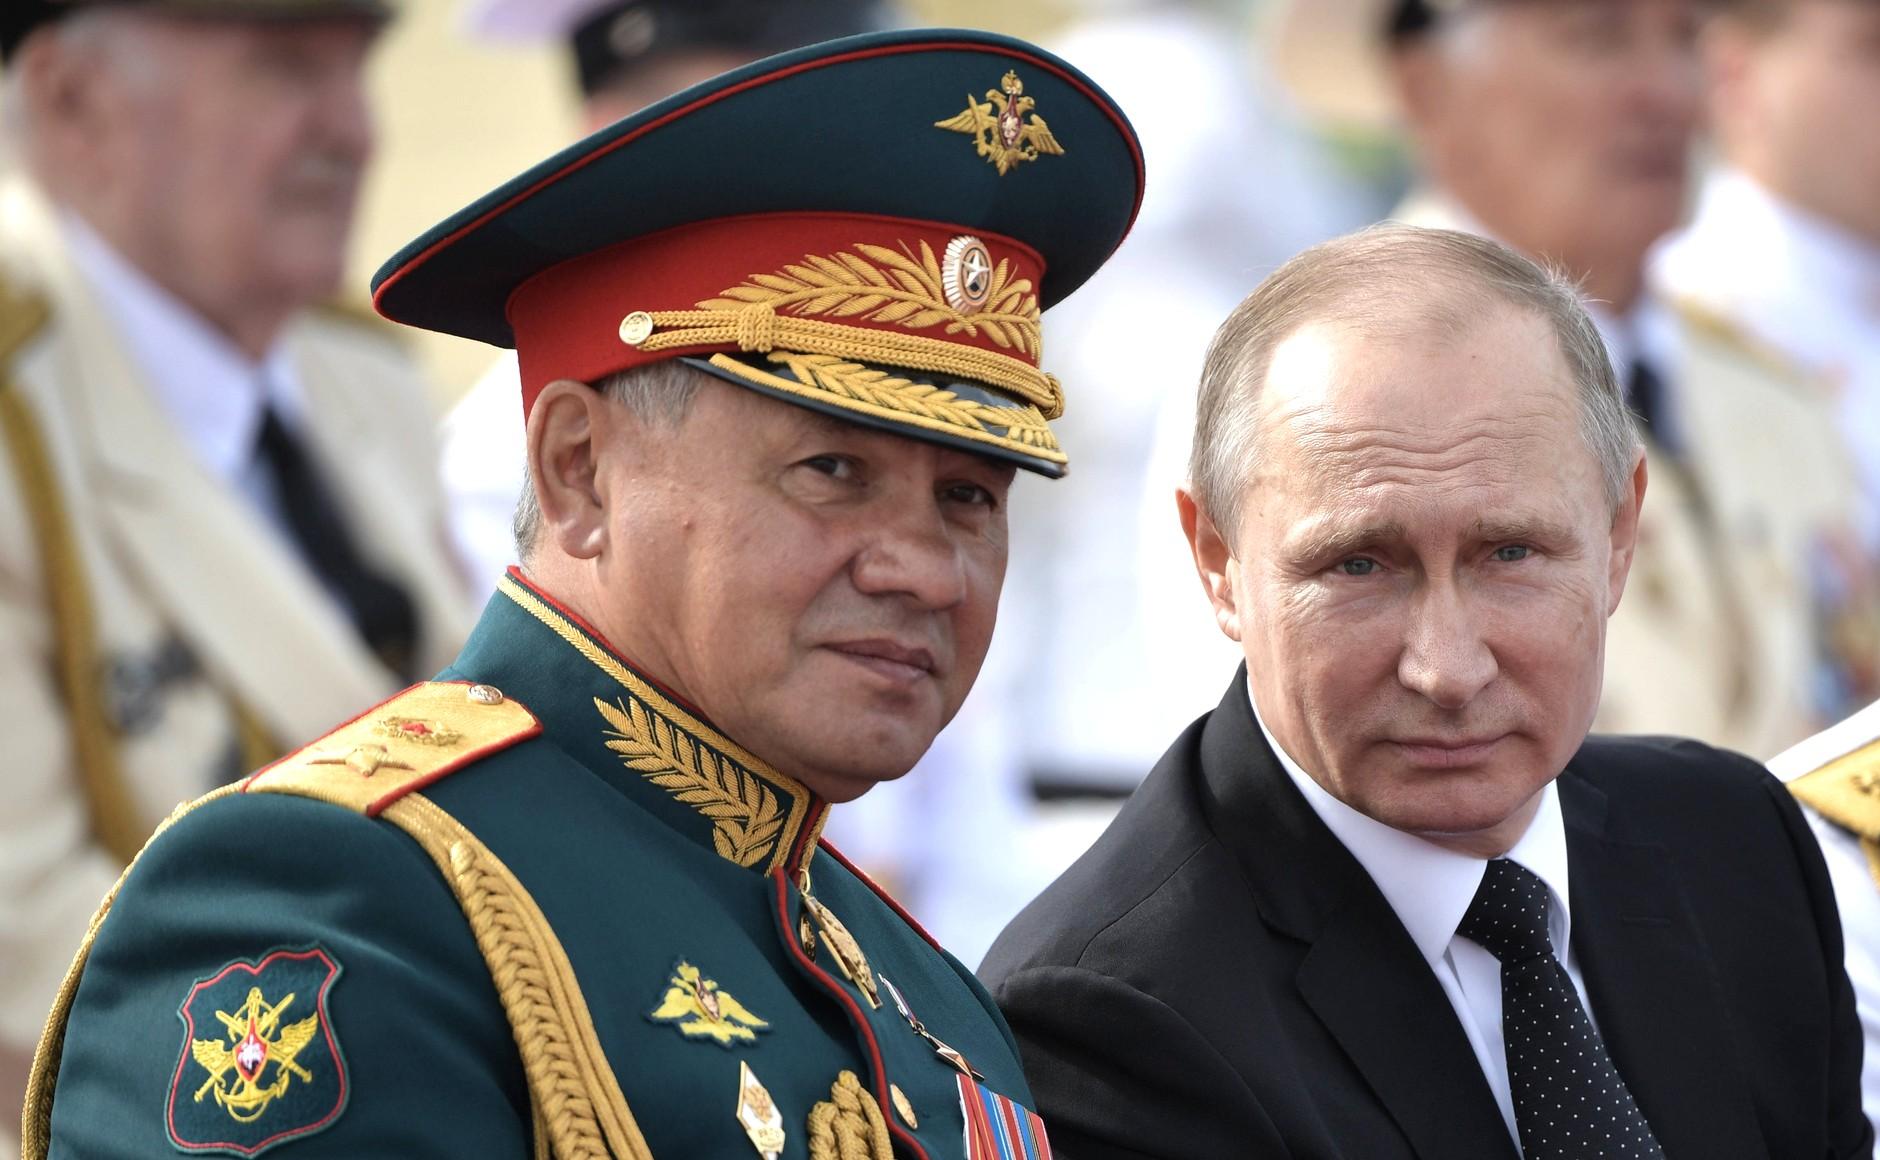 Полномасштабное наступление на Украину - это самоубийство для президента РФ